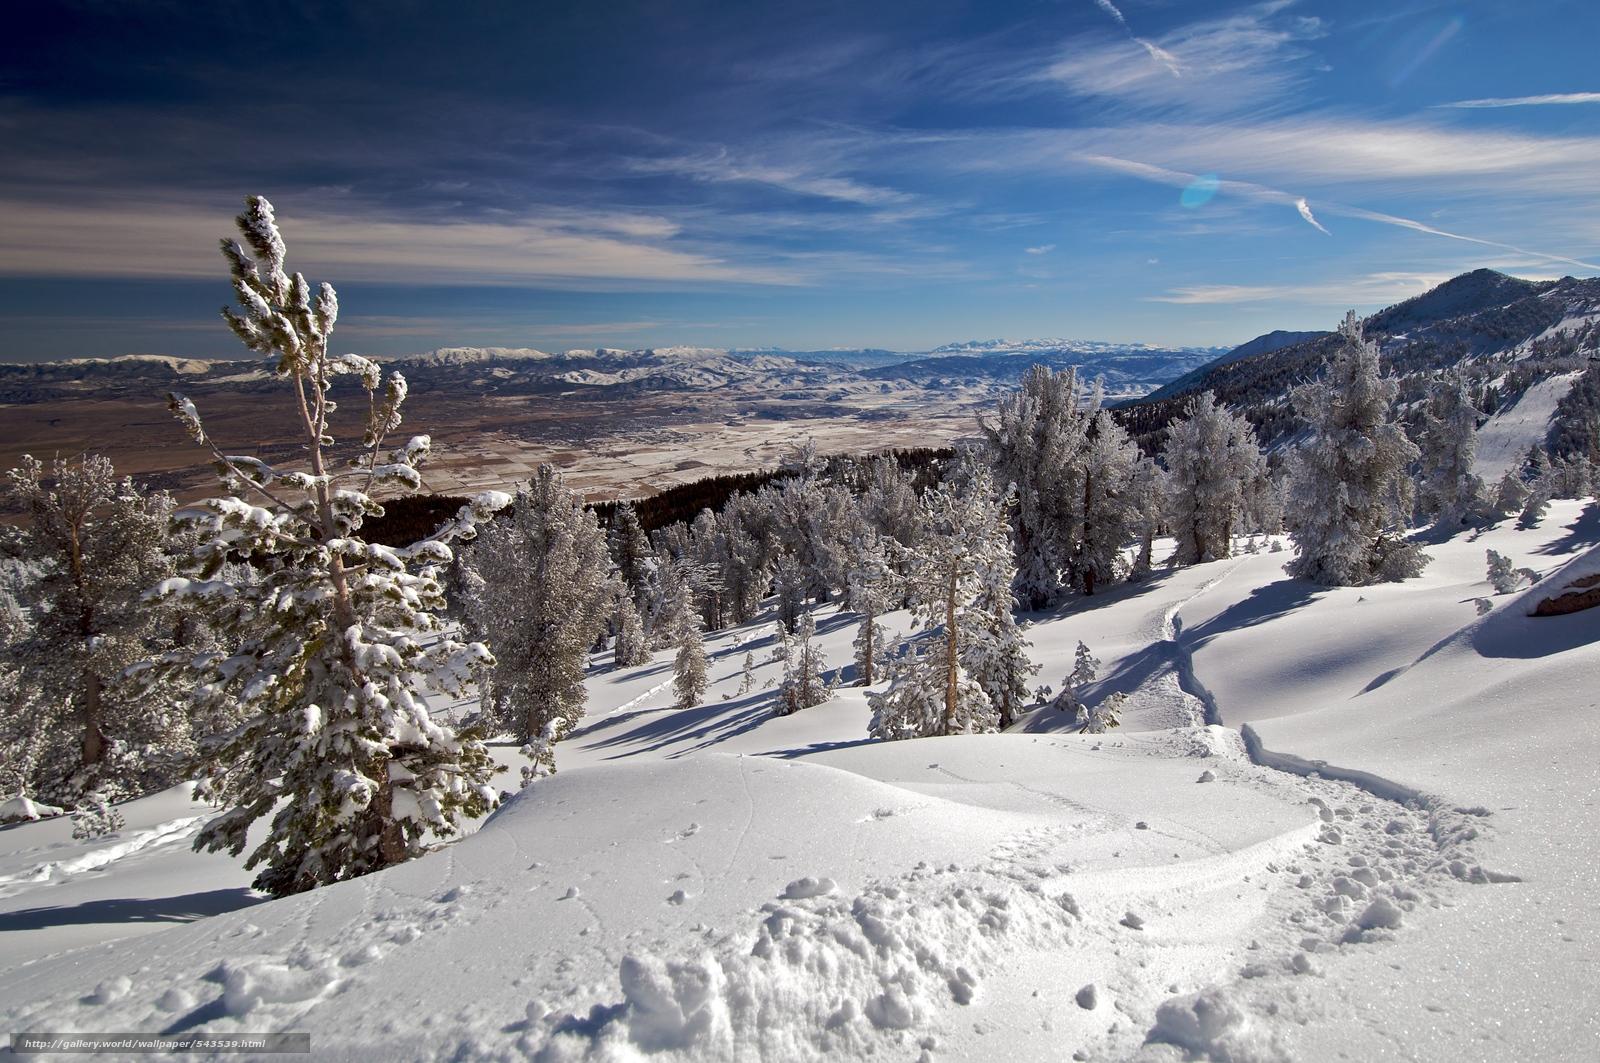 下载壁纸 冬天,  雪,  山,  树 免费为您的桌面分辨率的壁纸 4288x2848 — 图片 №543539